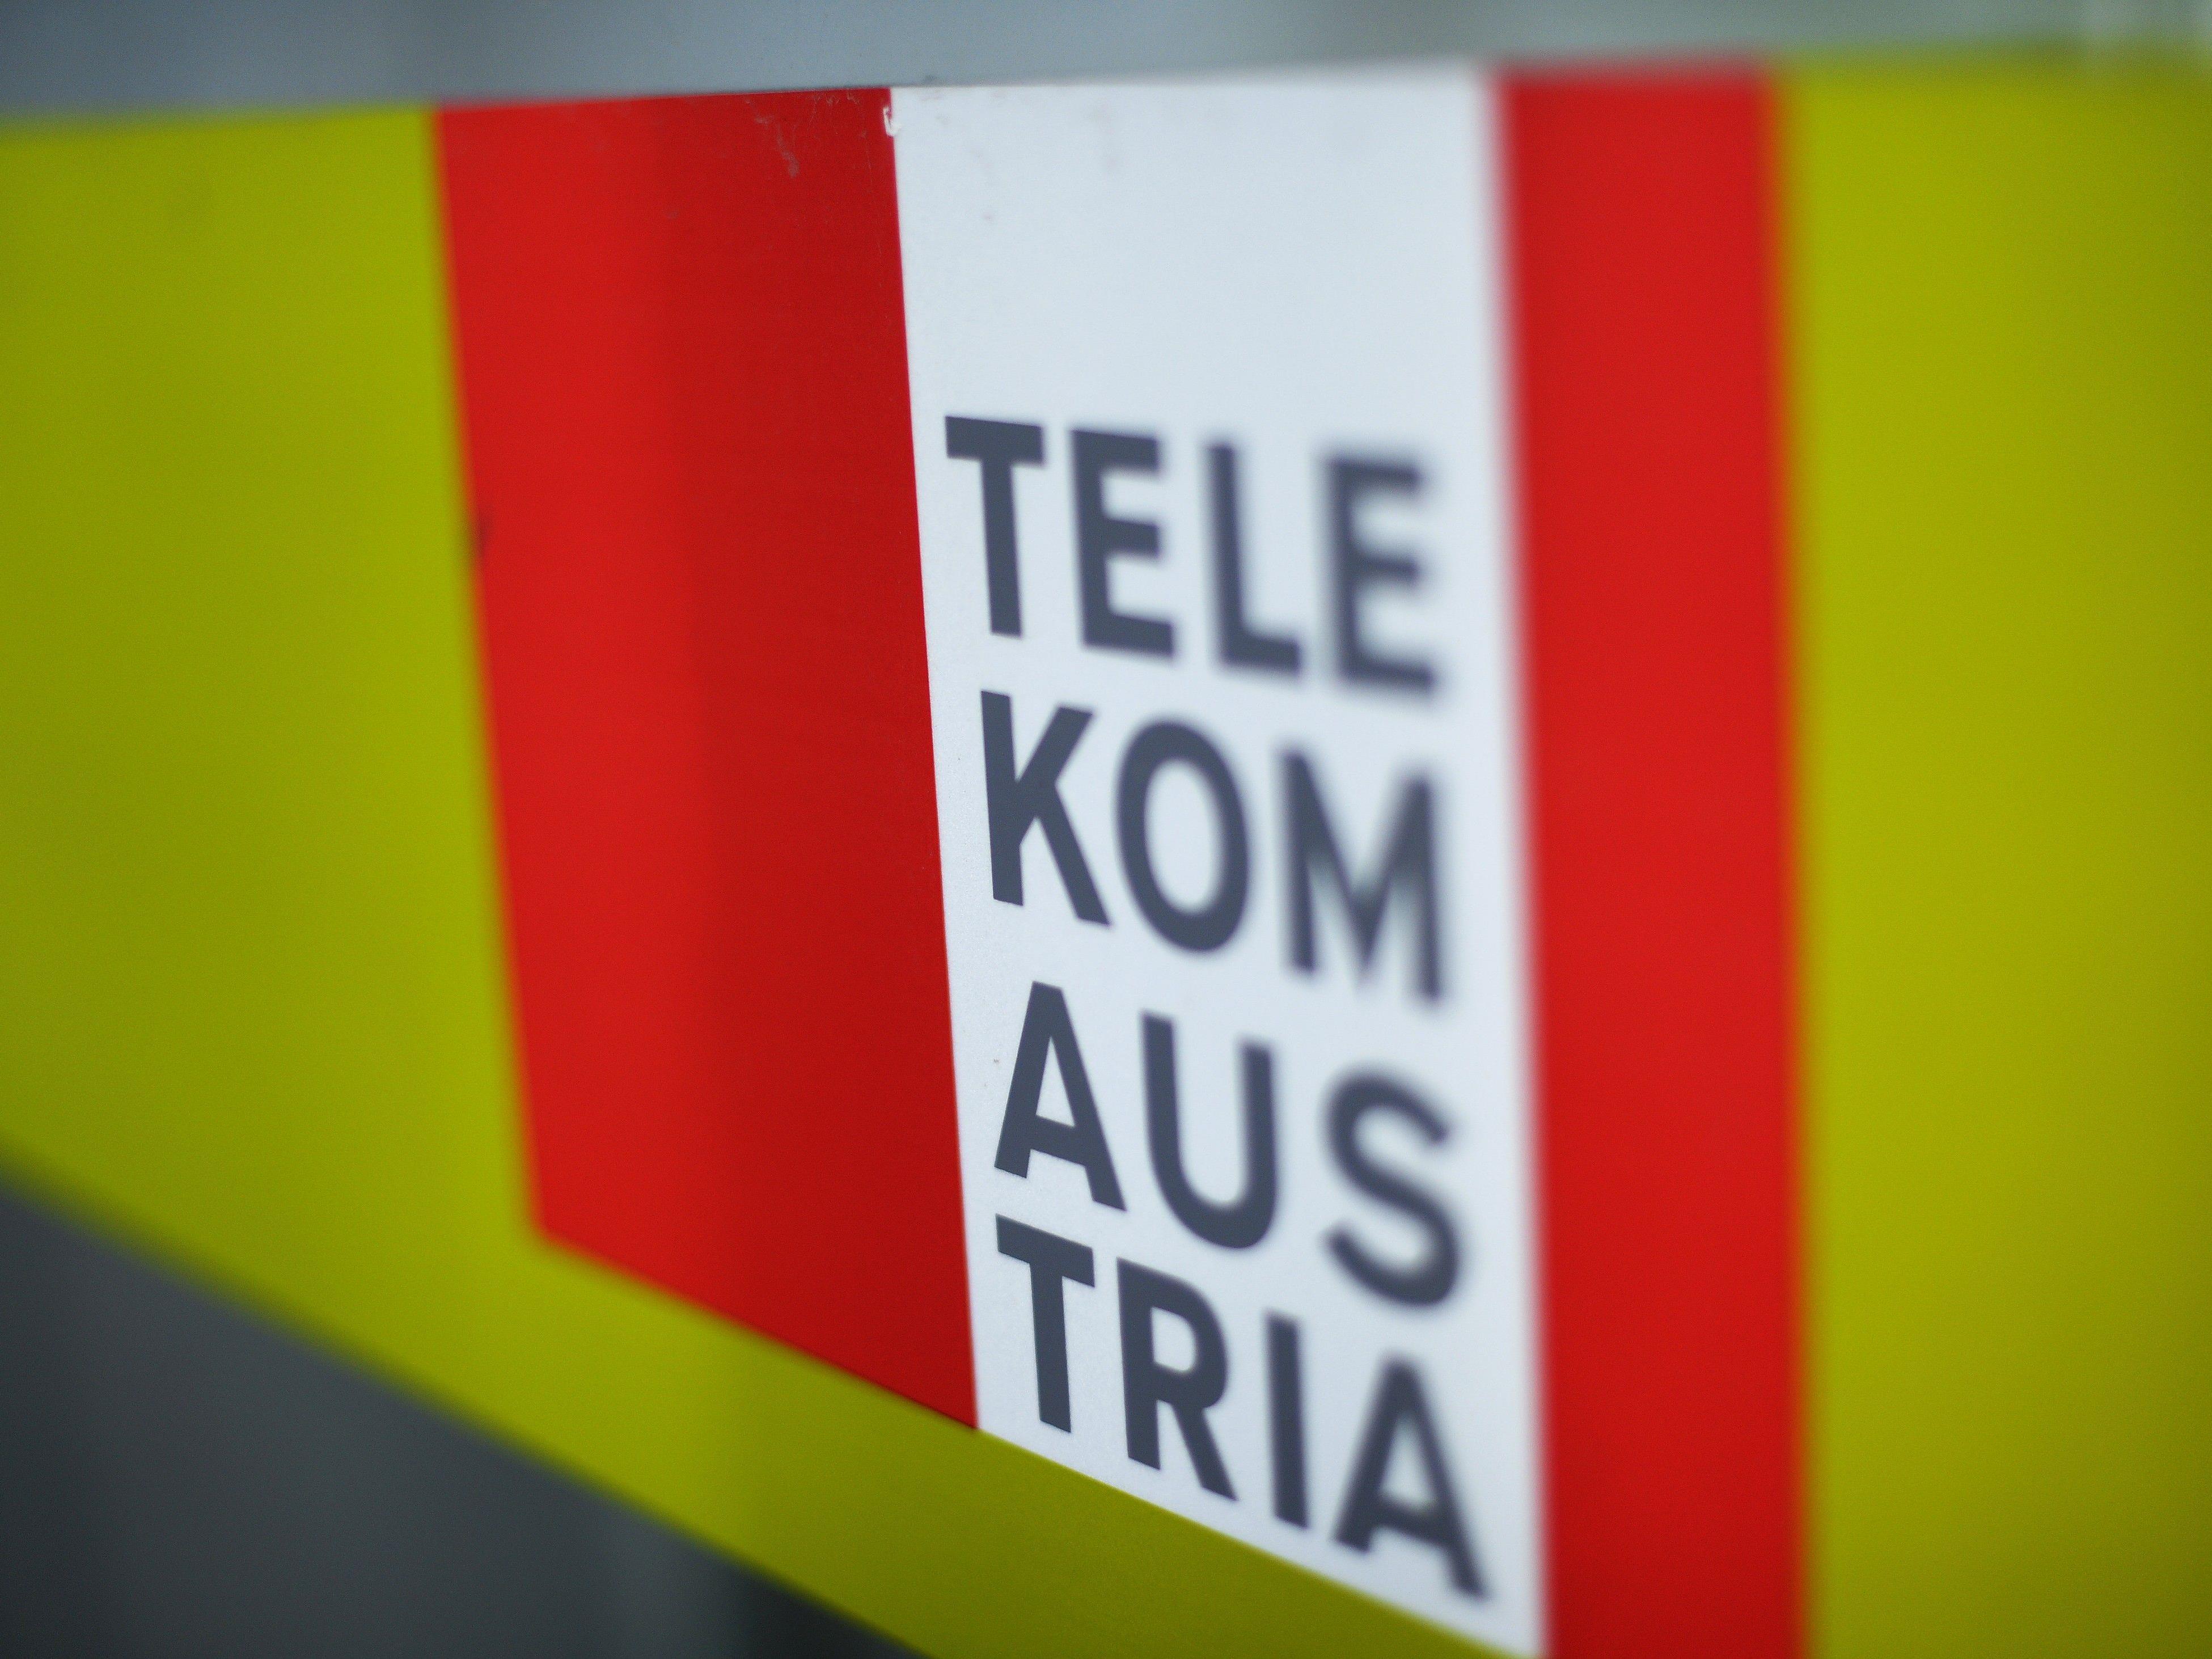 Die Telekom Austria erreichtet ein neues Datencenter in Wien-Floridsdorf.